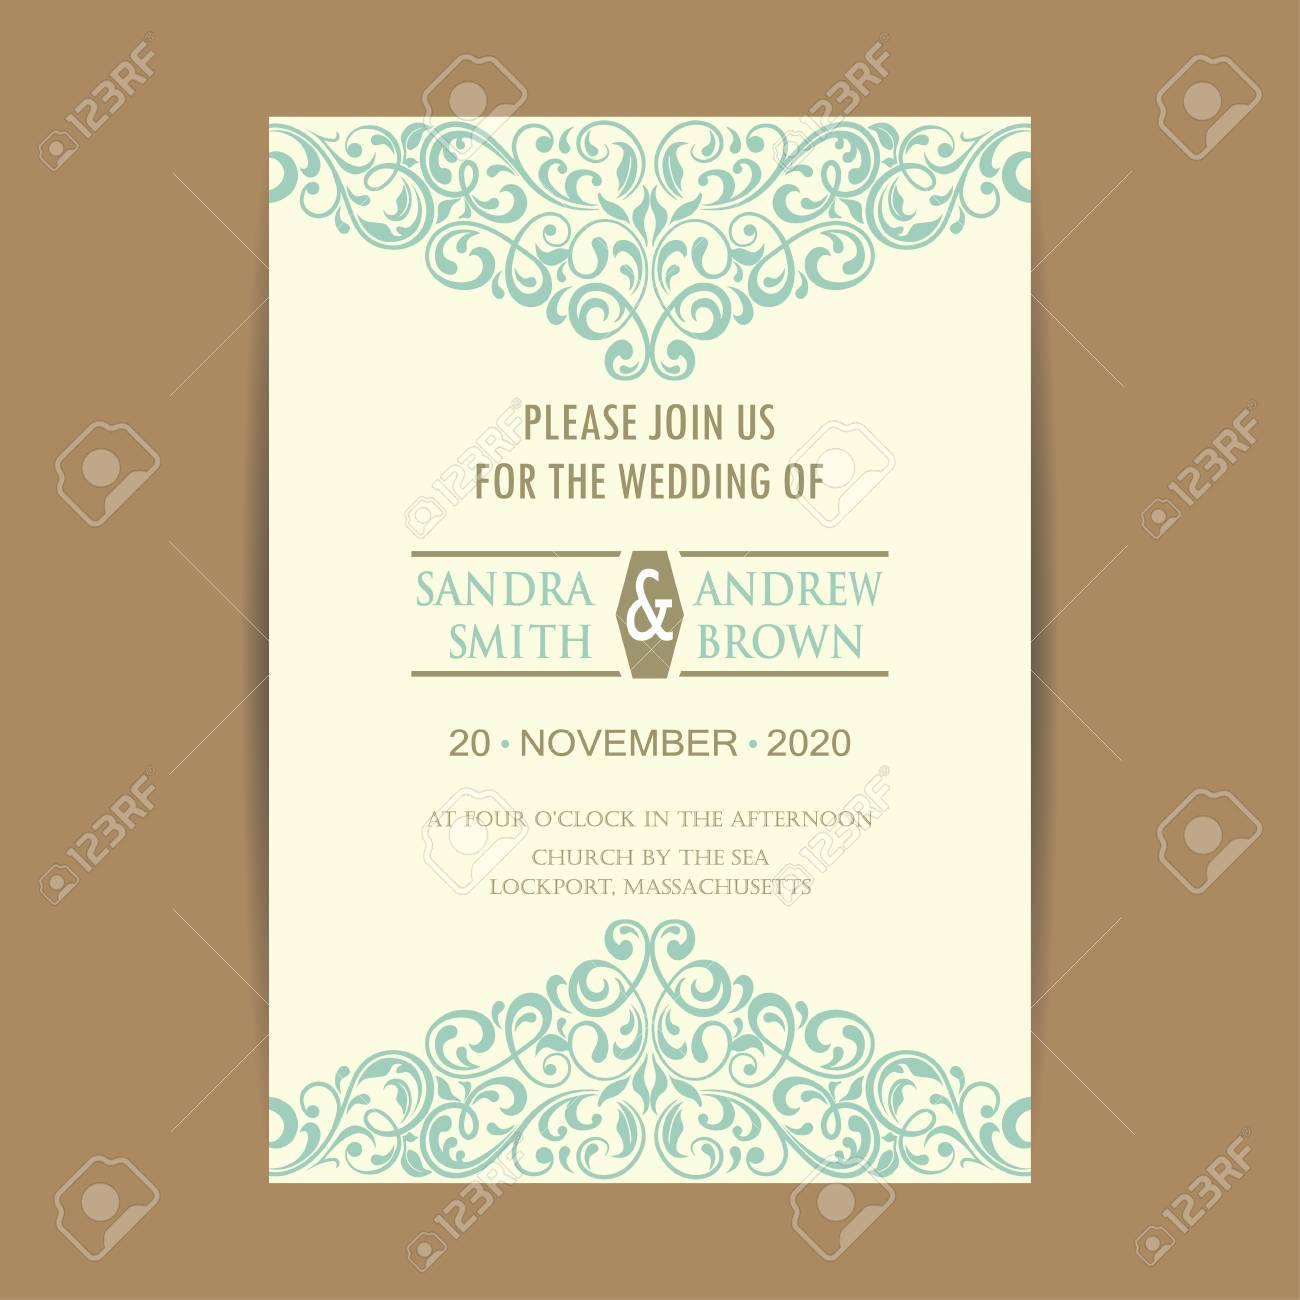 Schone Vintage Hochzeitseinladungskarte Lizenzfrei Nutzbare